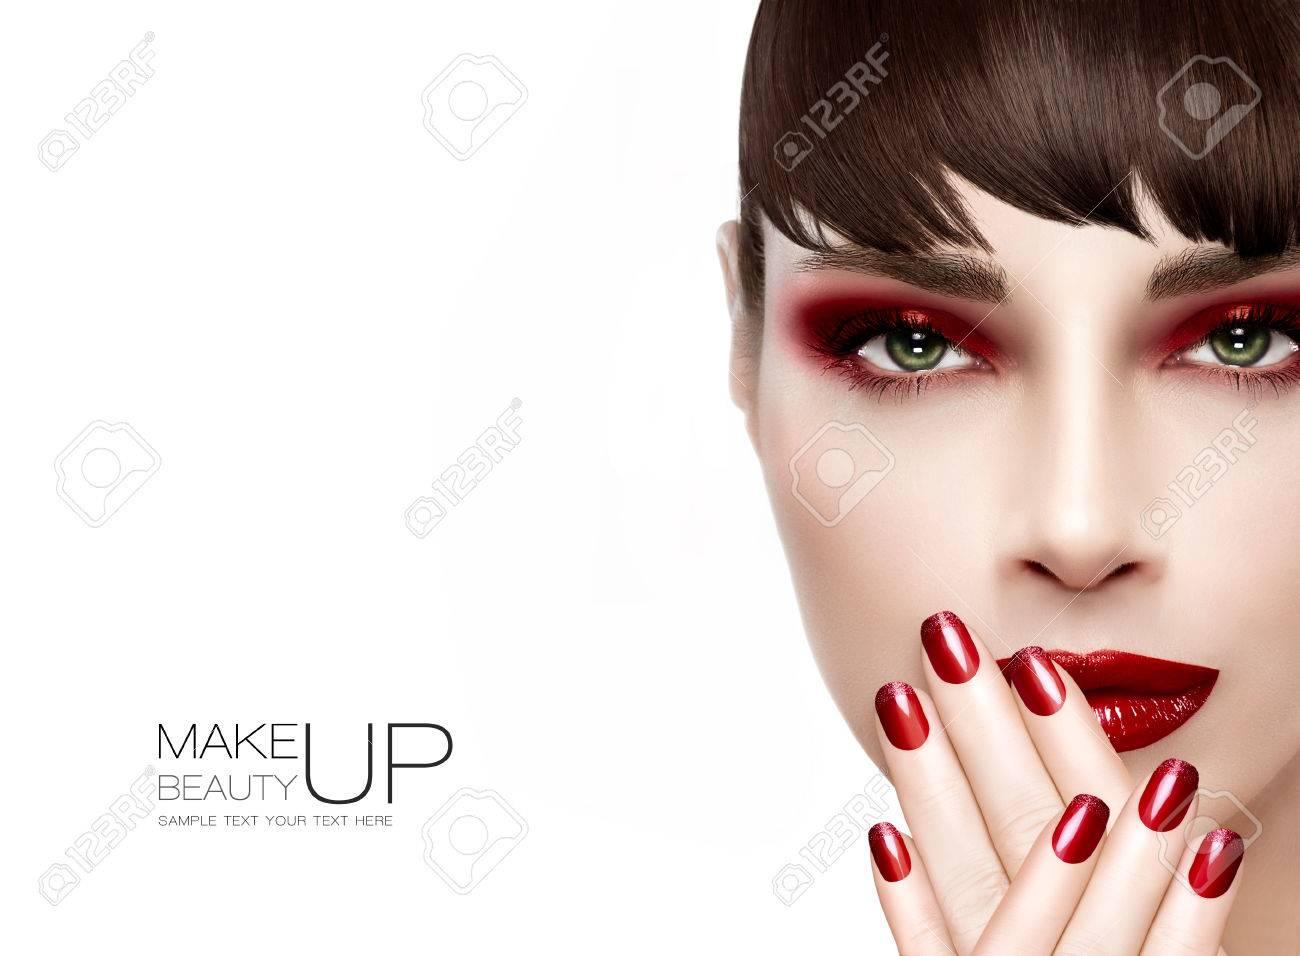 Schonheit Und Make Up Konzept Schone Mode Modell Frau Mit Langen